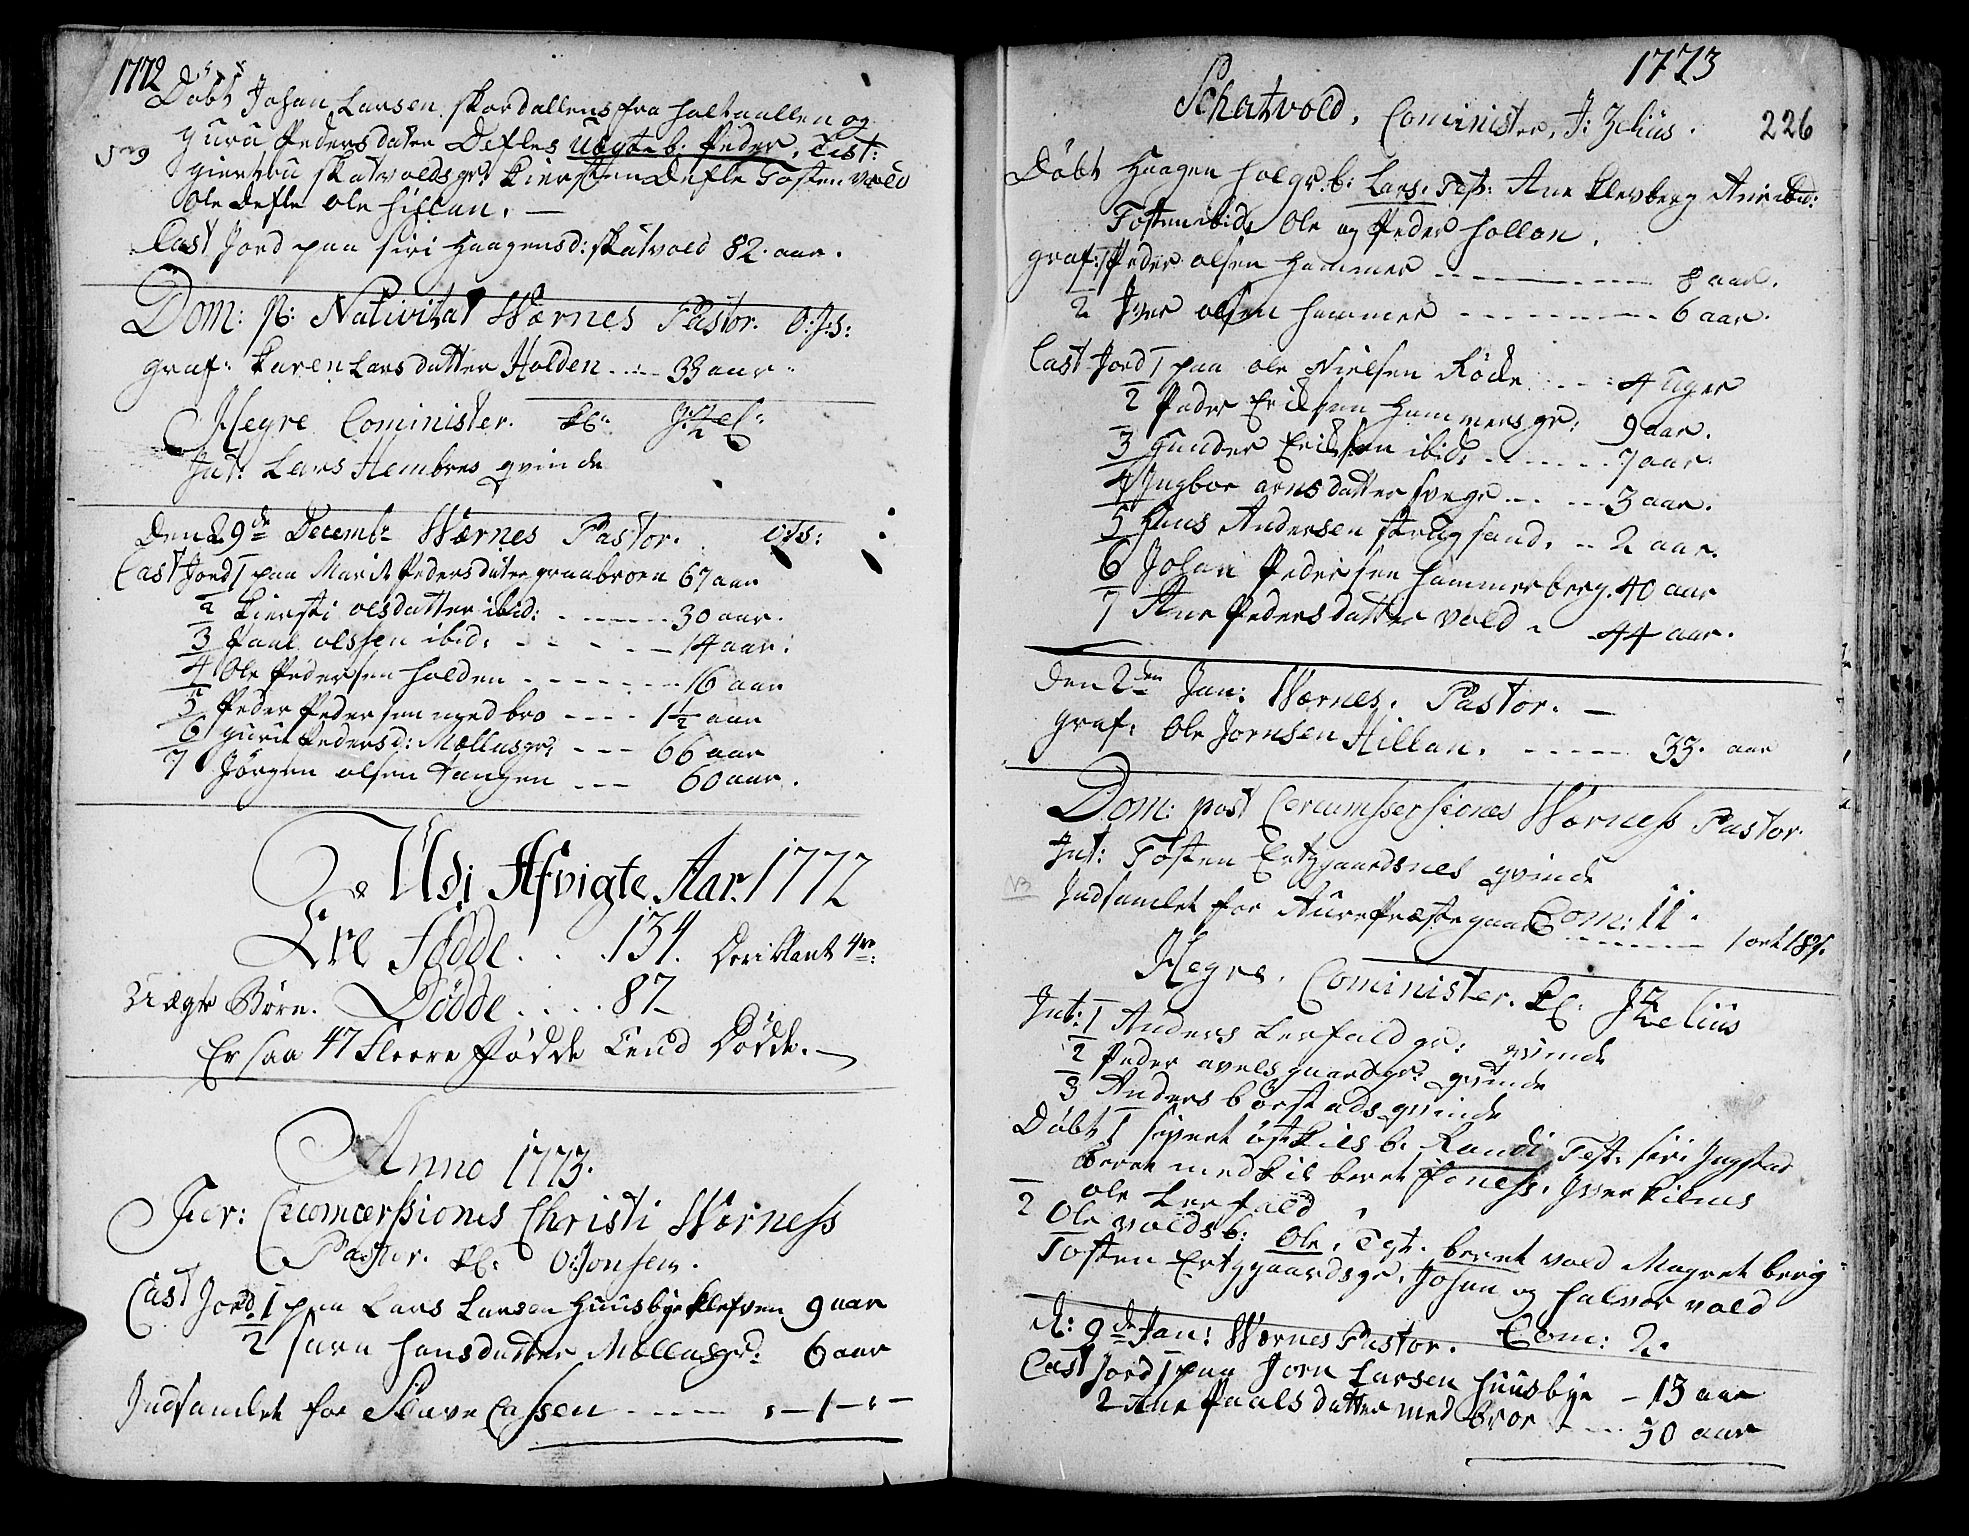 SAT, Ministerialprotokoller, klokkerbøker og fødselsregistre - Nord-Trøndelag, 709/L0057: Ministerialbok nr. 709A05, 1755-1780, s. 226